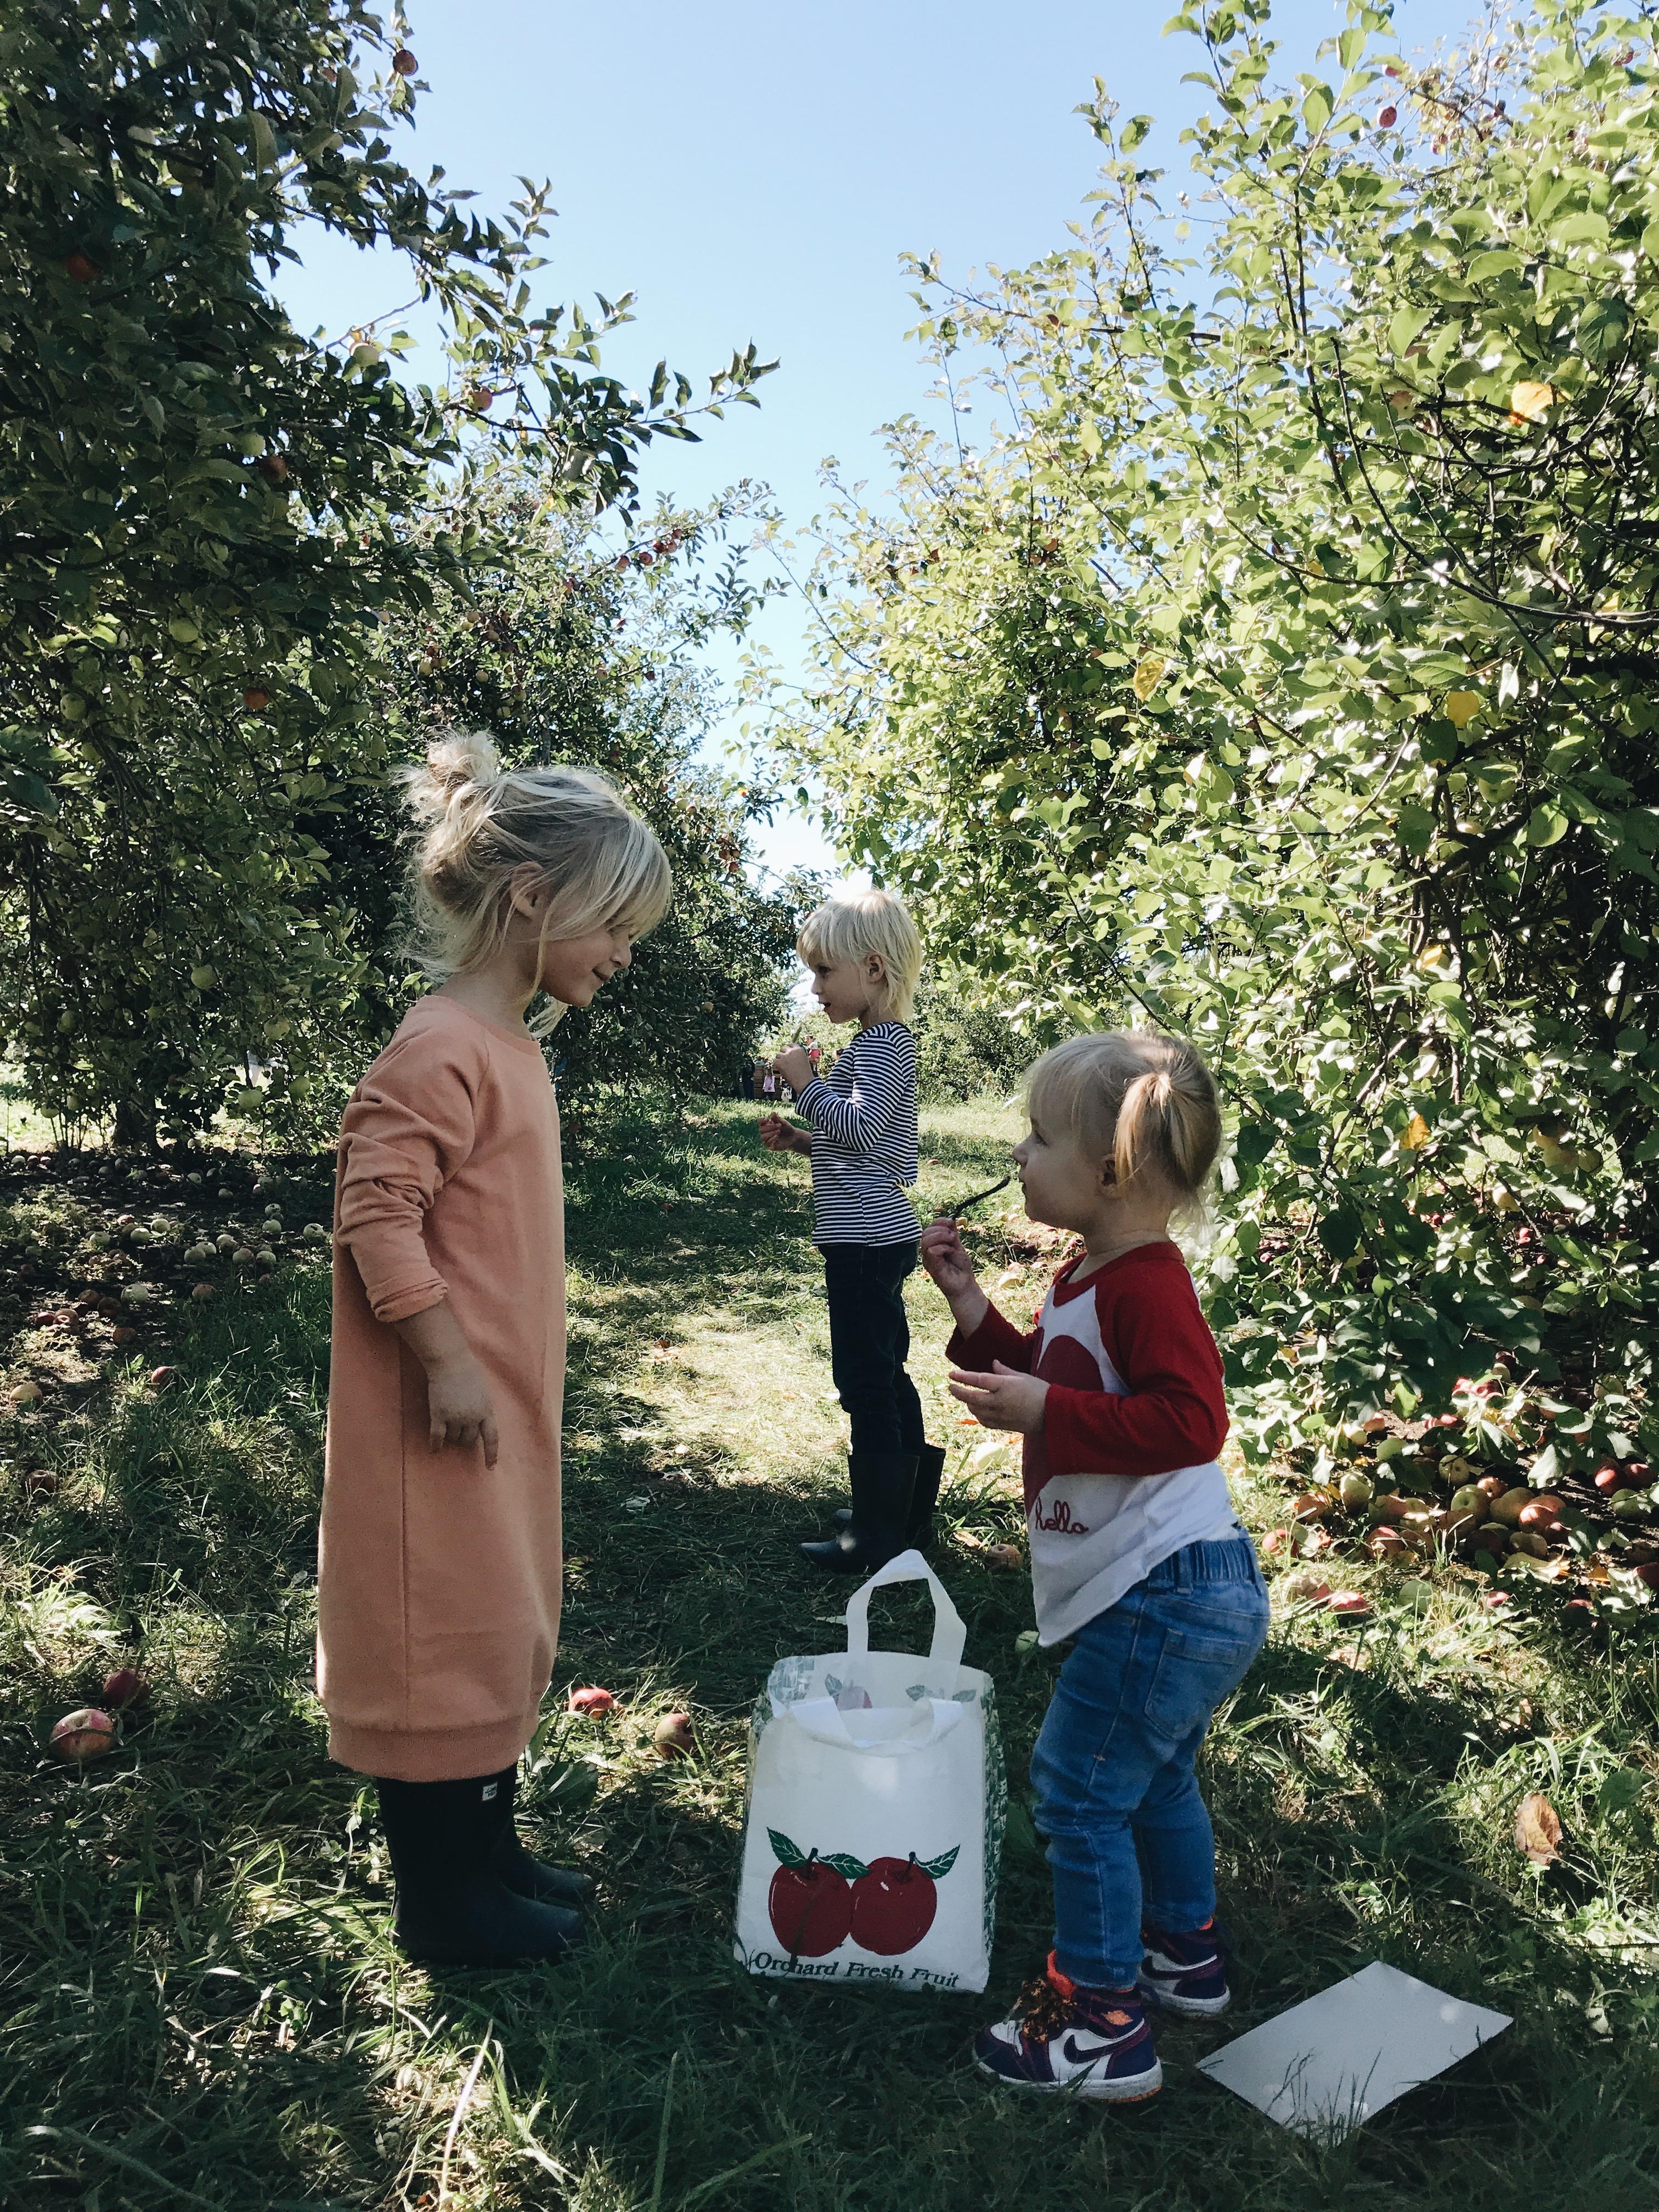 kiddos at the apple orchard